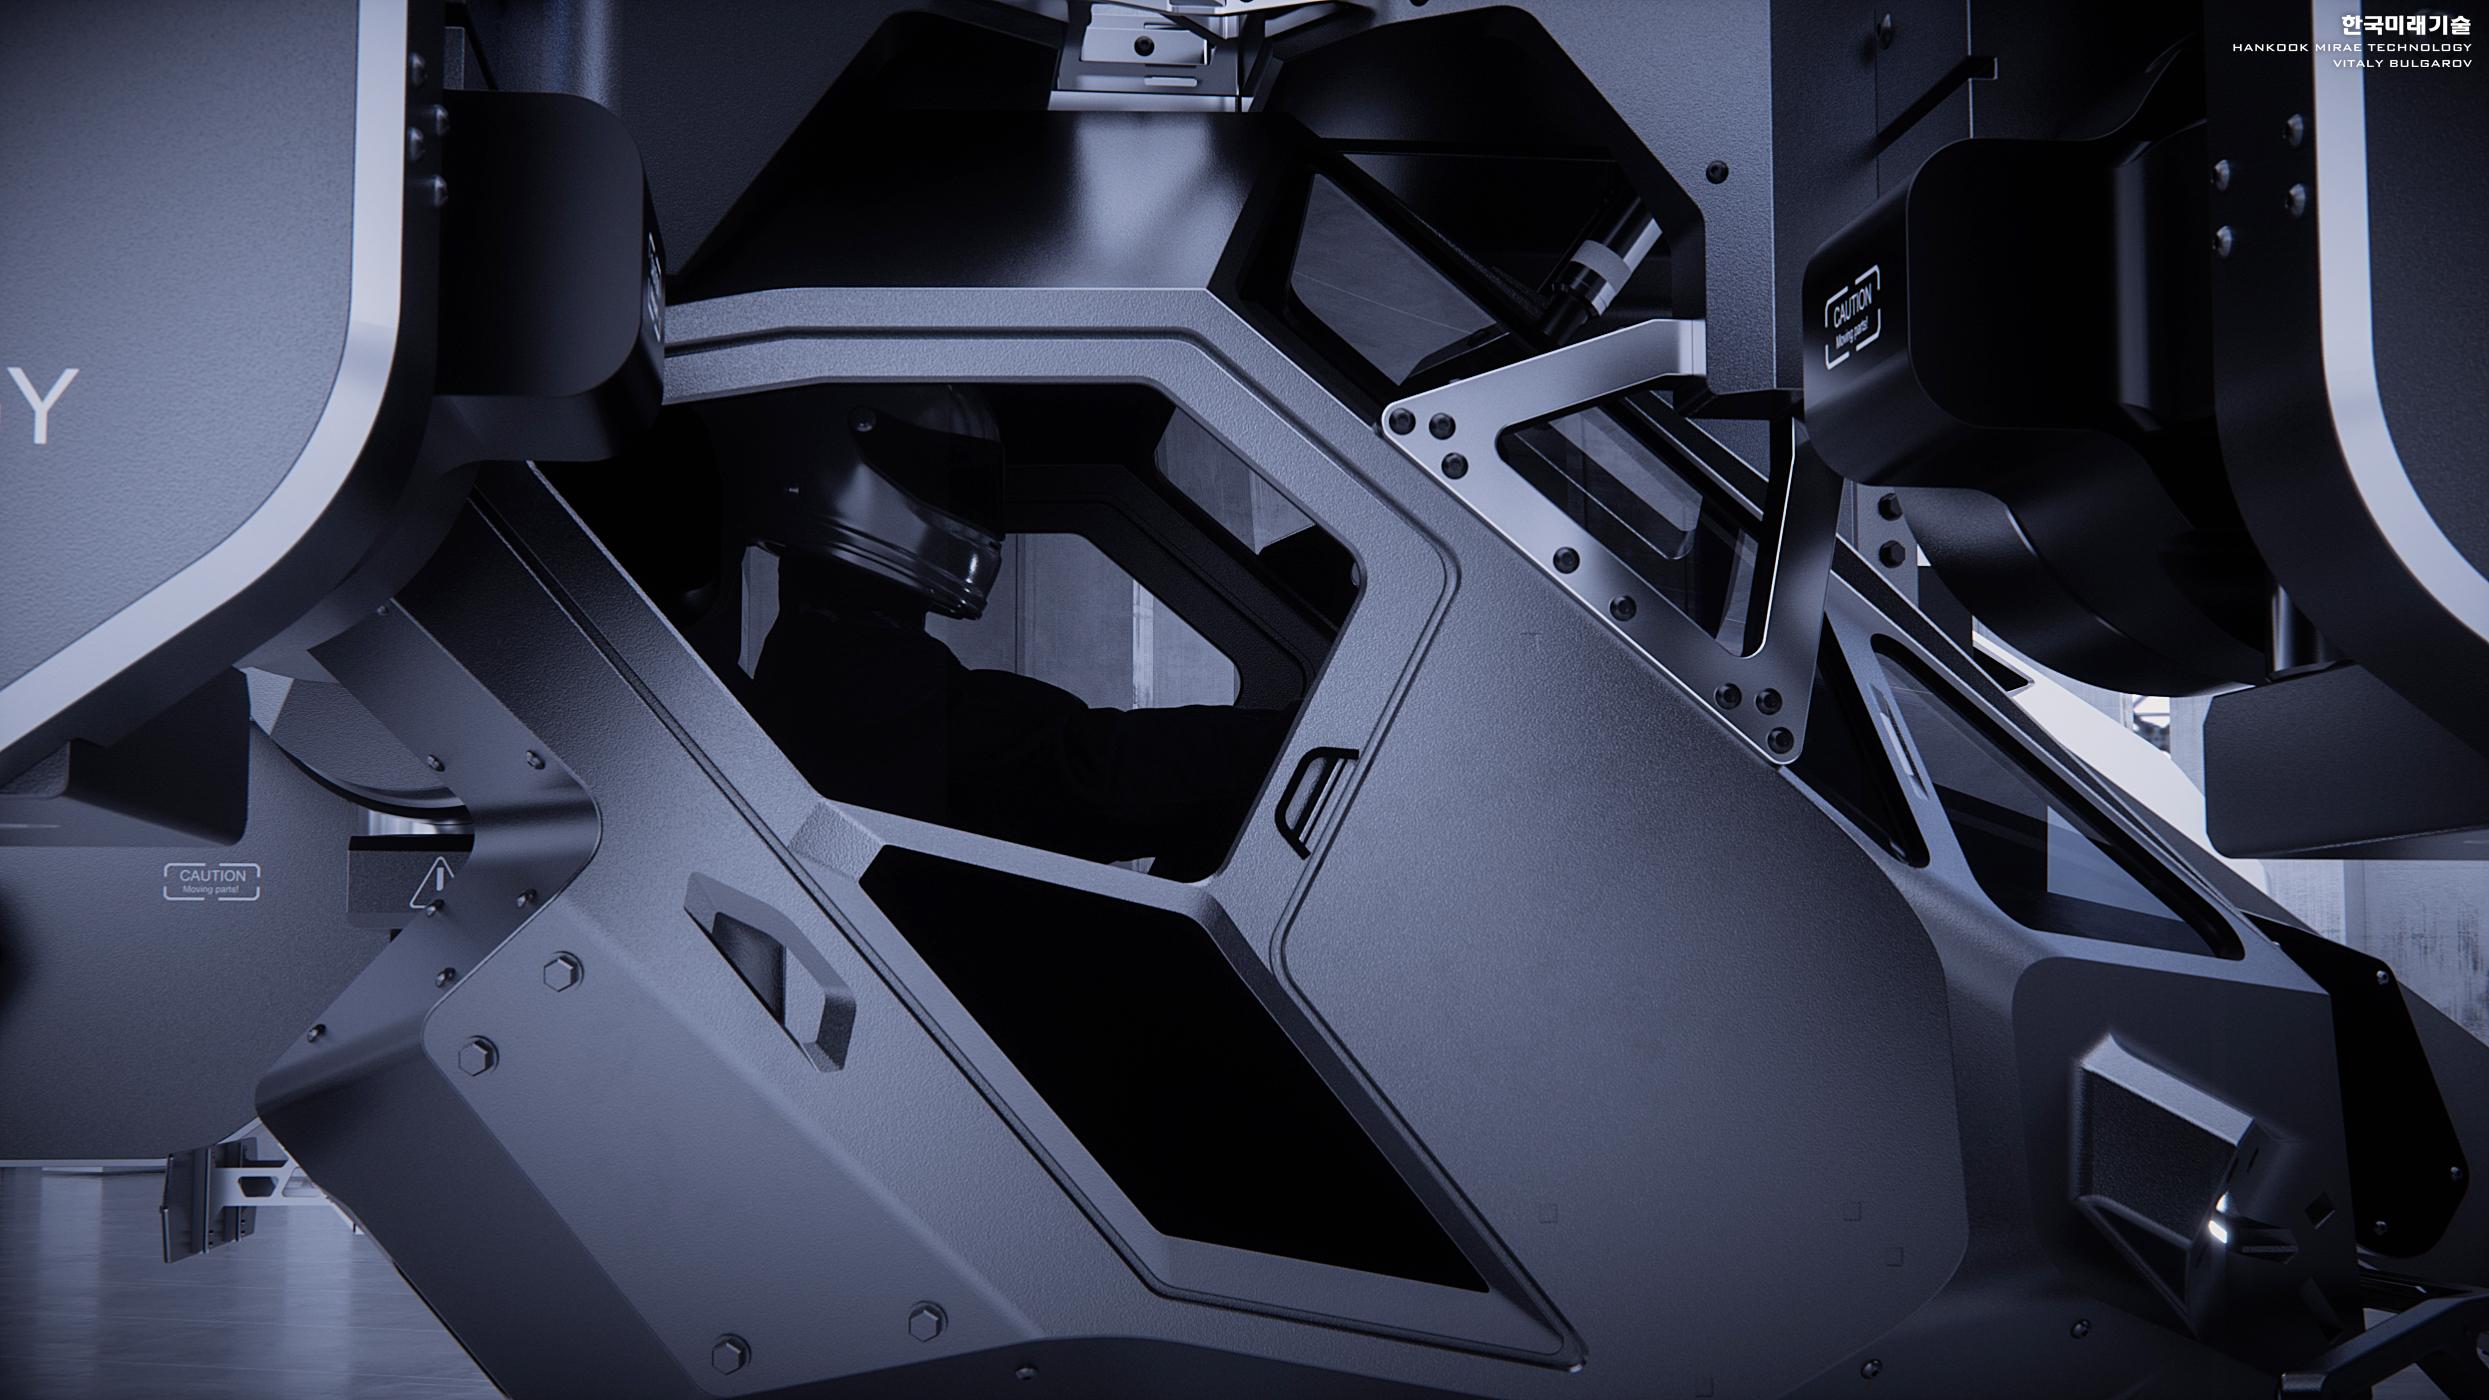 KFT_4LeggedRobot_V1_VehicleMode_04.jpg